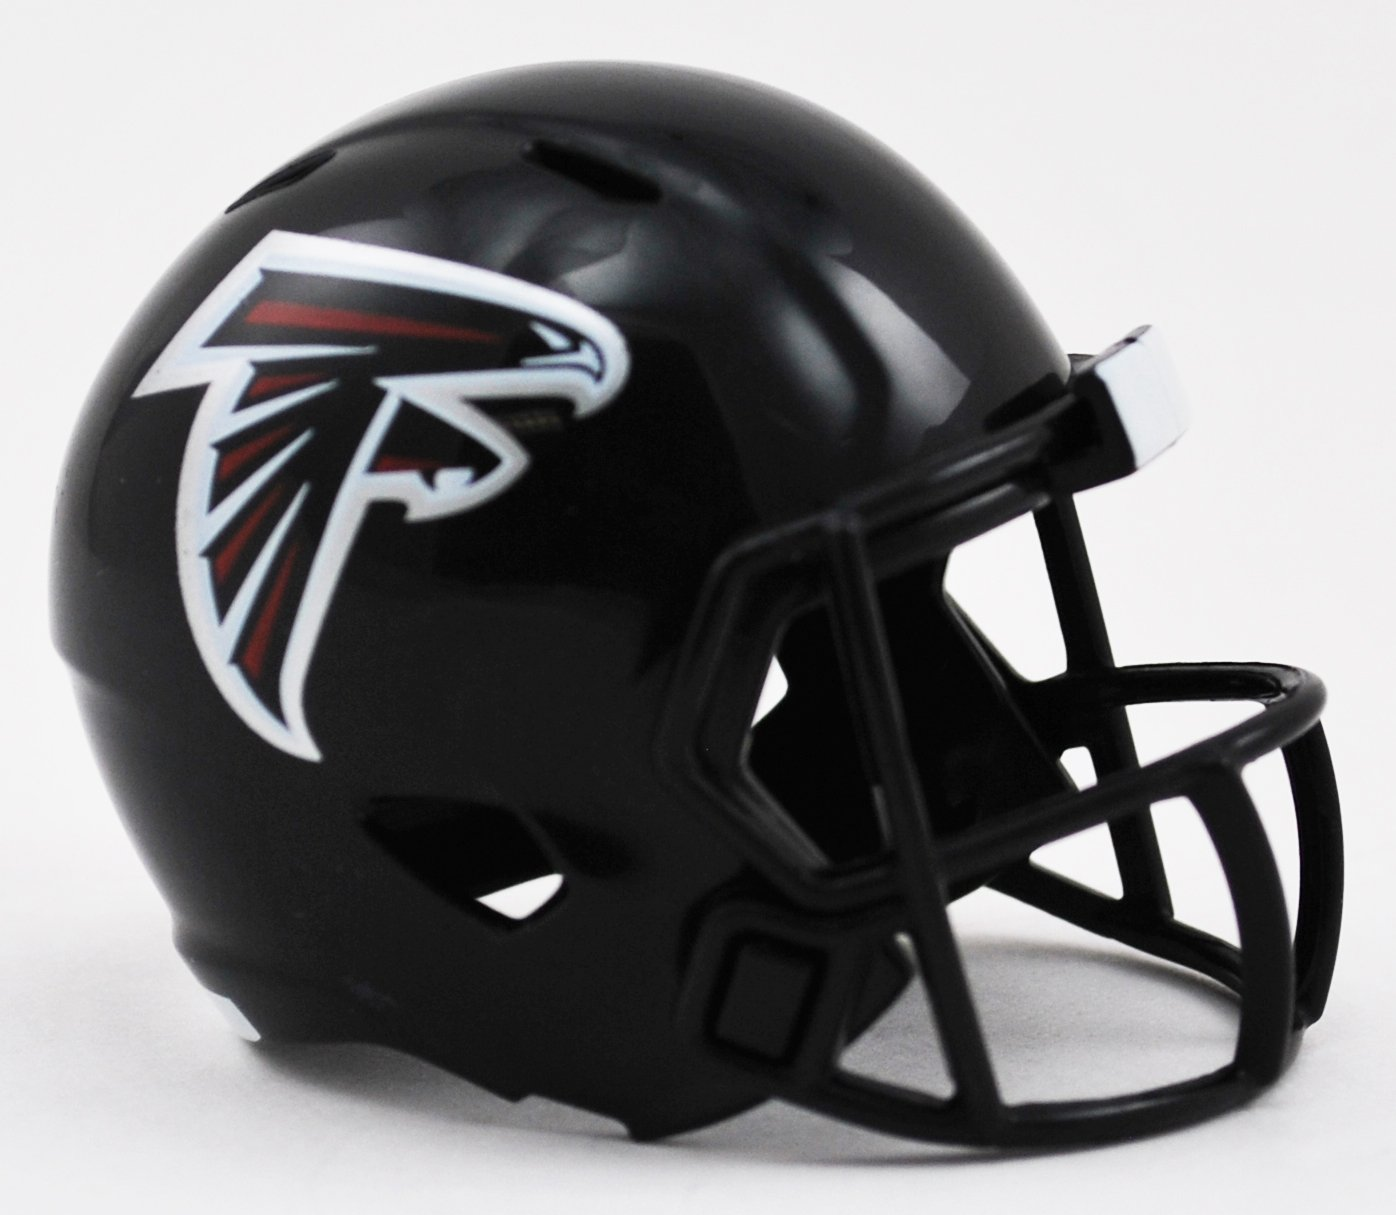 Atlanta Falcons Riddell Speed Pocket Pro Football Helmet New in package